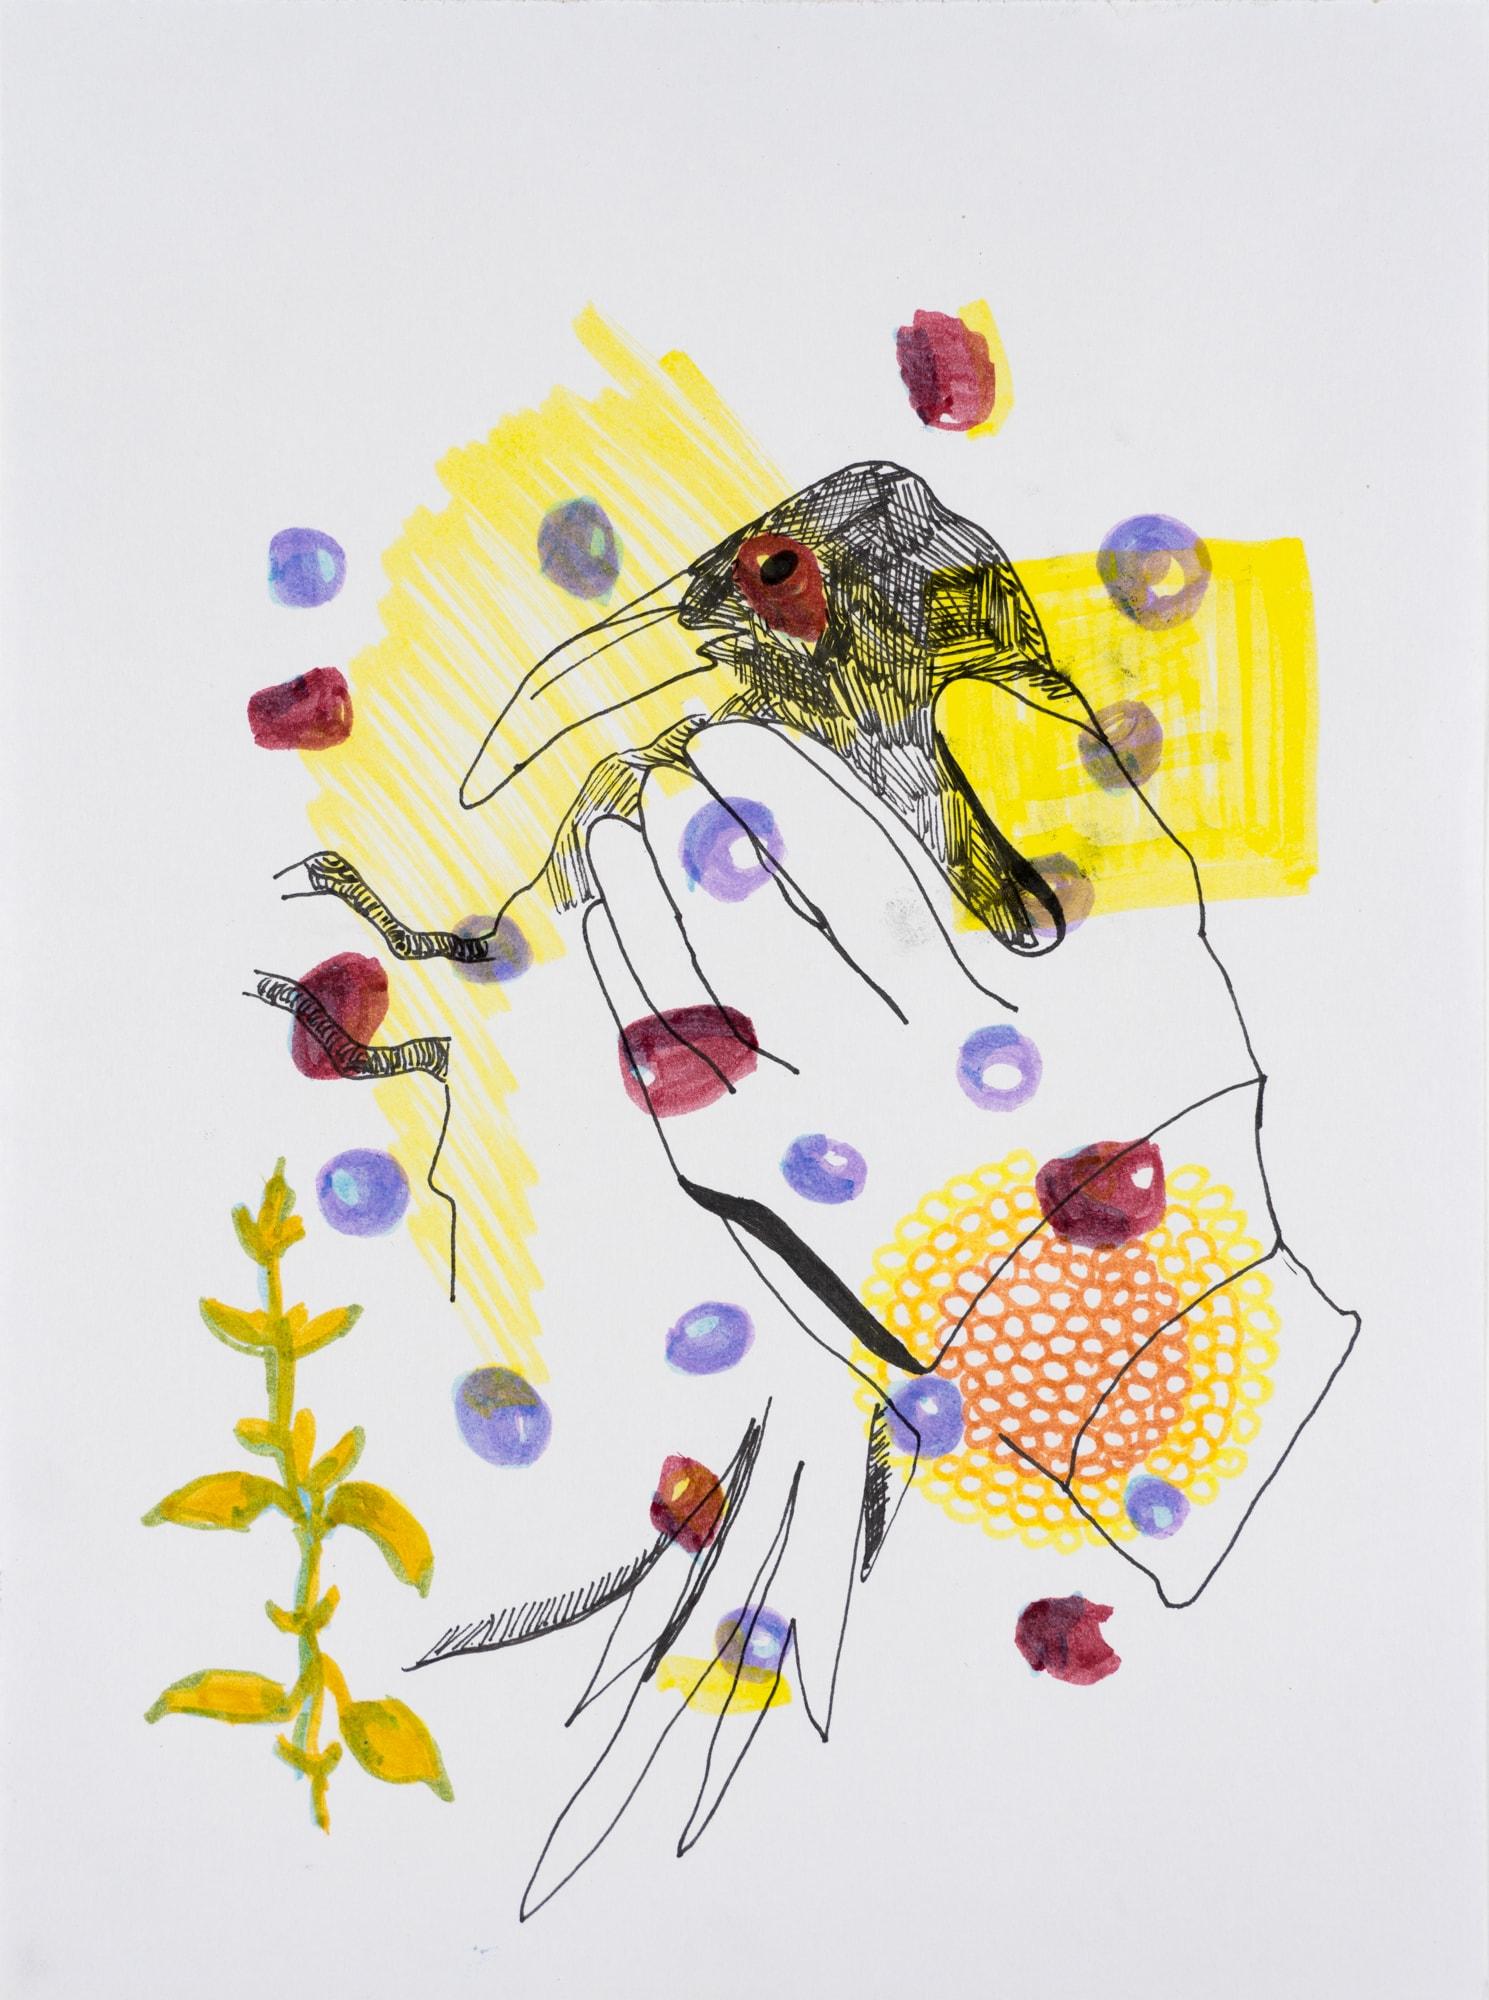 Zeichnung, Marker, Mischtechnikt und Tusche auf Papier, 21x28,5cm, Krähe in Hand mit Beeren, Künstlerin: Franziska King